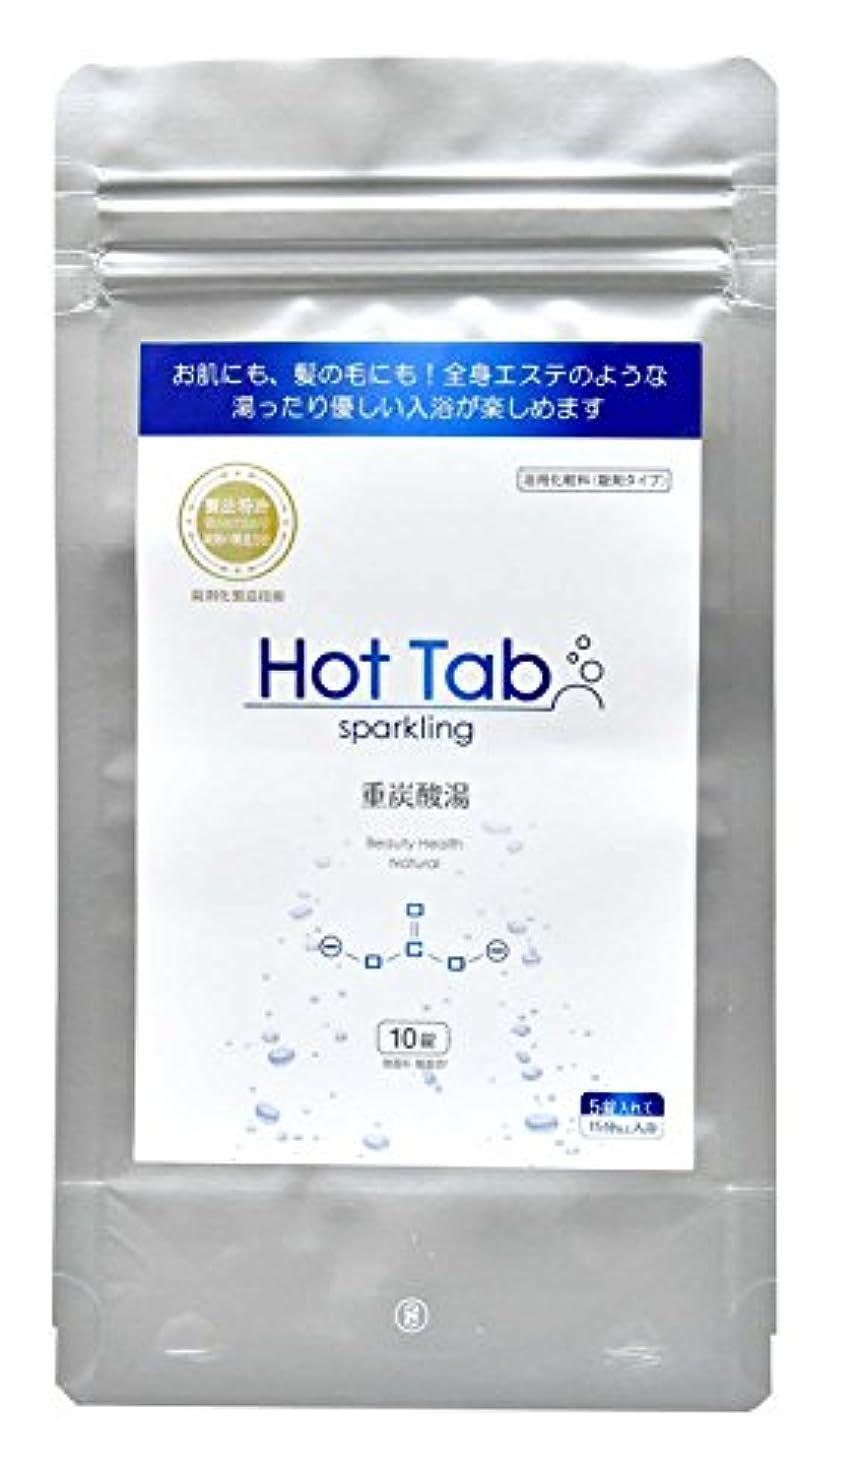 枯渇おしゃれなバレエ入浴剤 Sparkling Hot Tab 10錠入り  HT130010